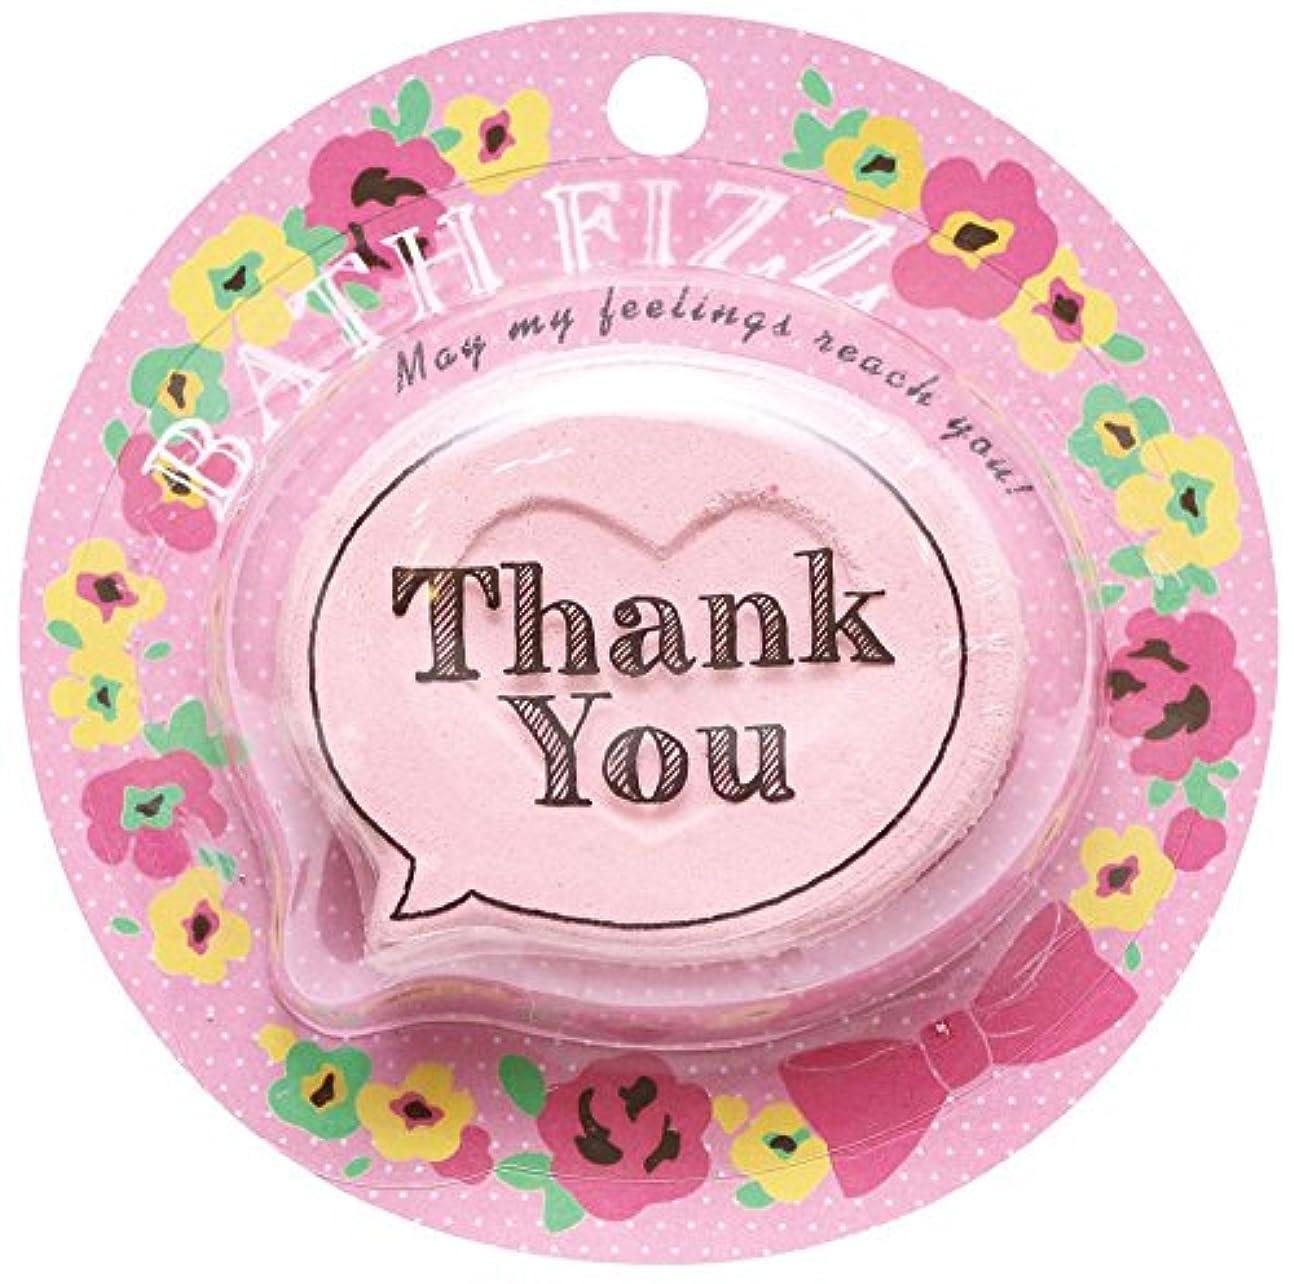 プレゼント解釈的争いノルコーポレーション 入浴剤 バスフィズ メッセージフィズ サンキュー 30g ローズの香り OB-MSF-1-2